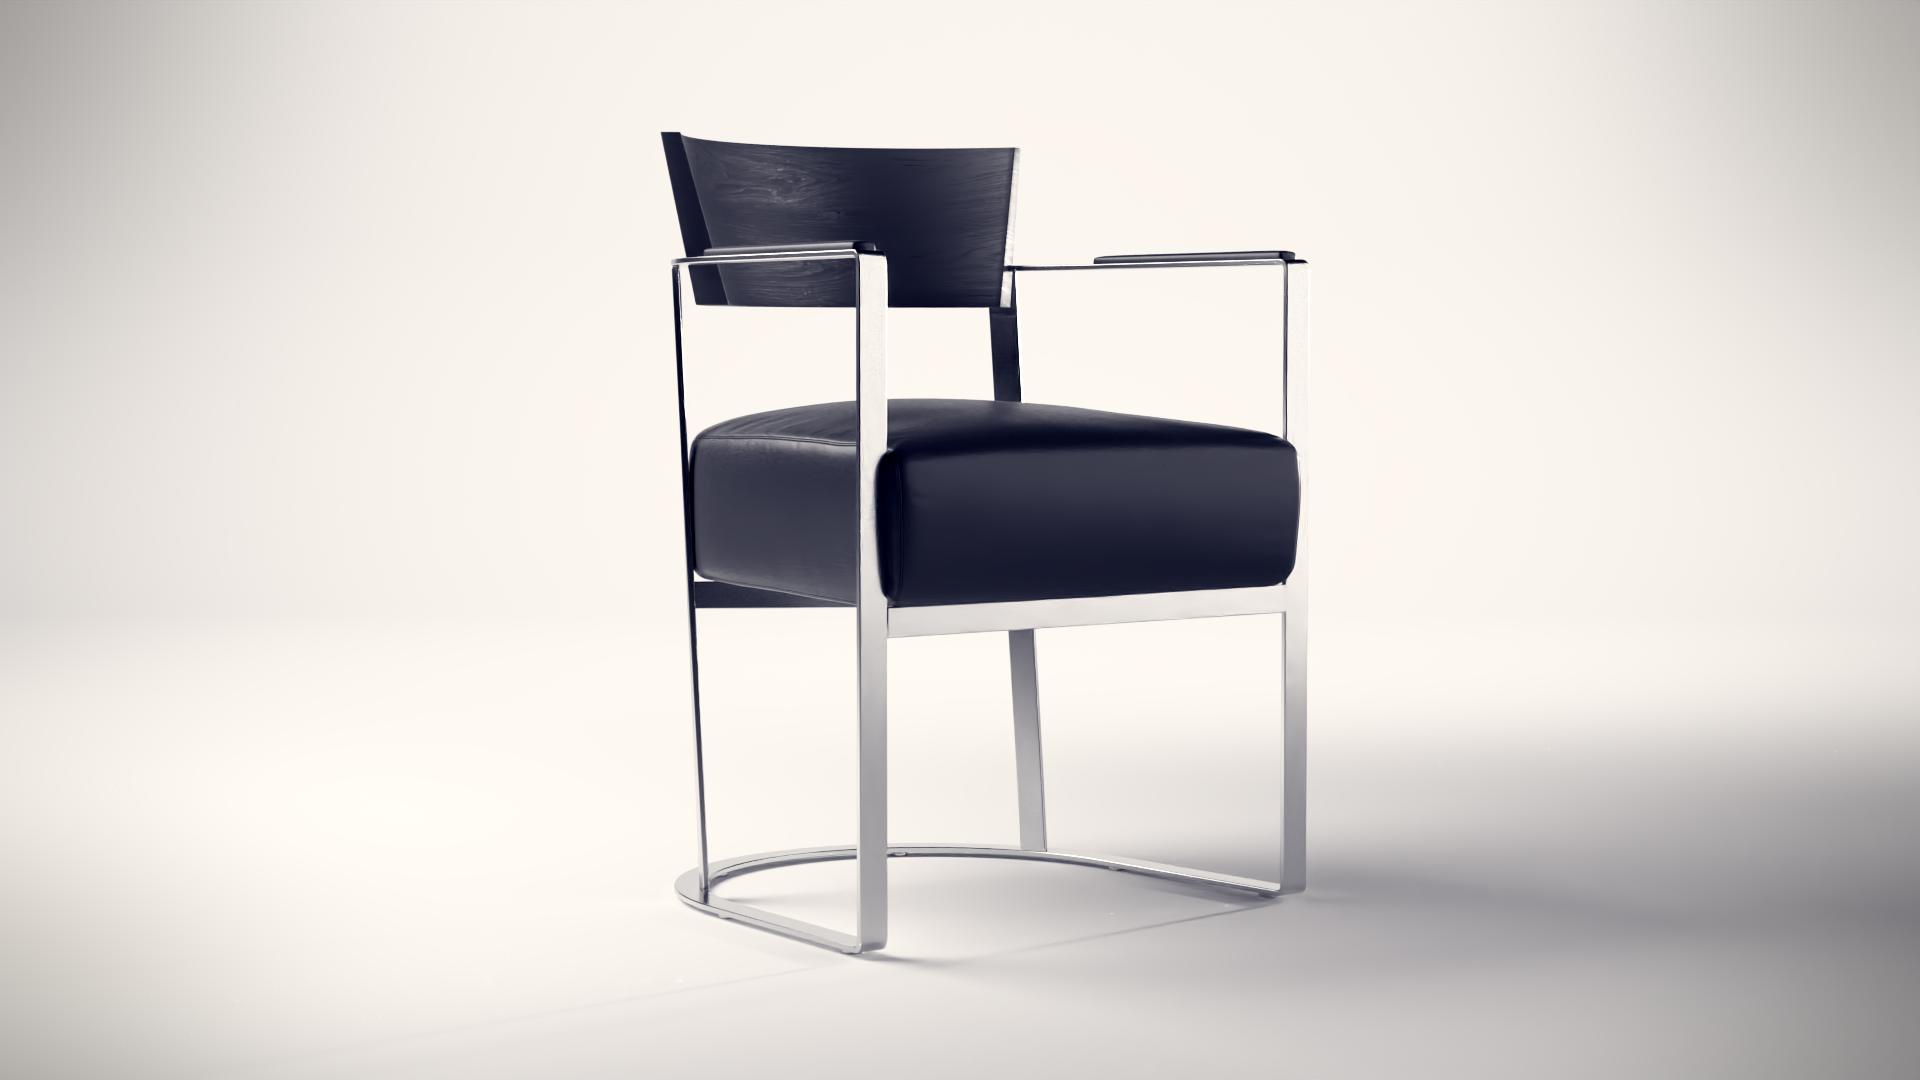 3D Produktvisualisierung von einem Stuhl gerendert mit Blender